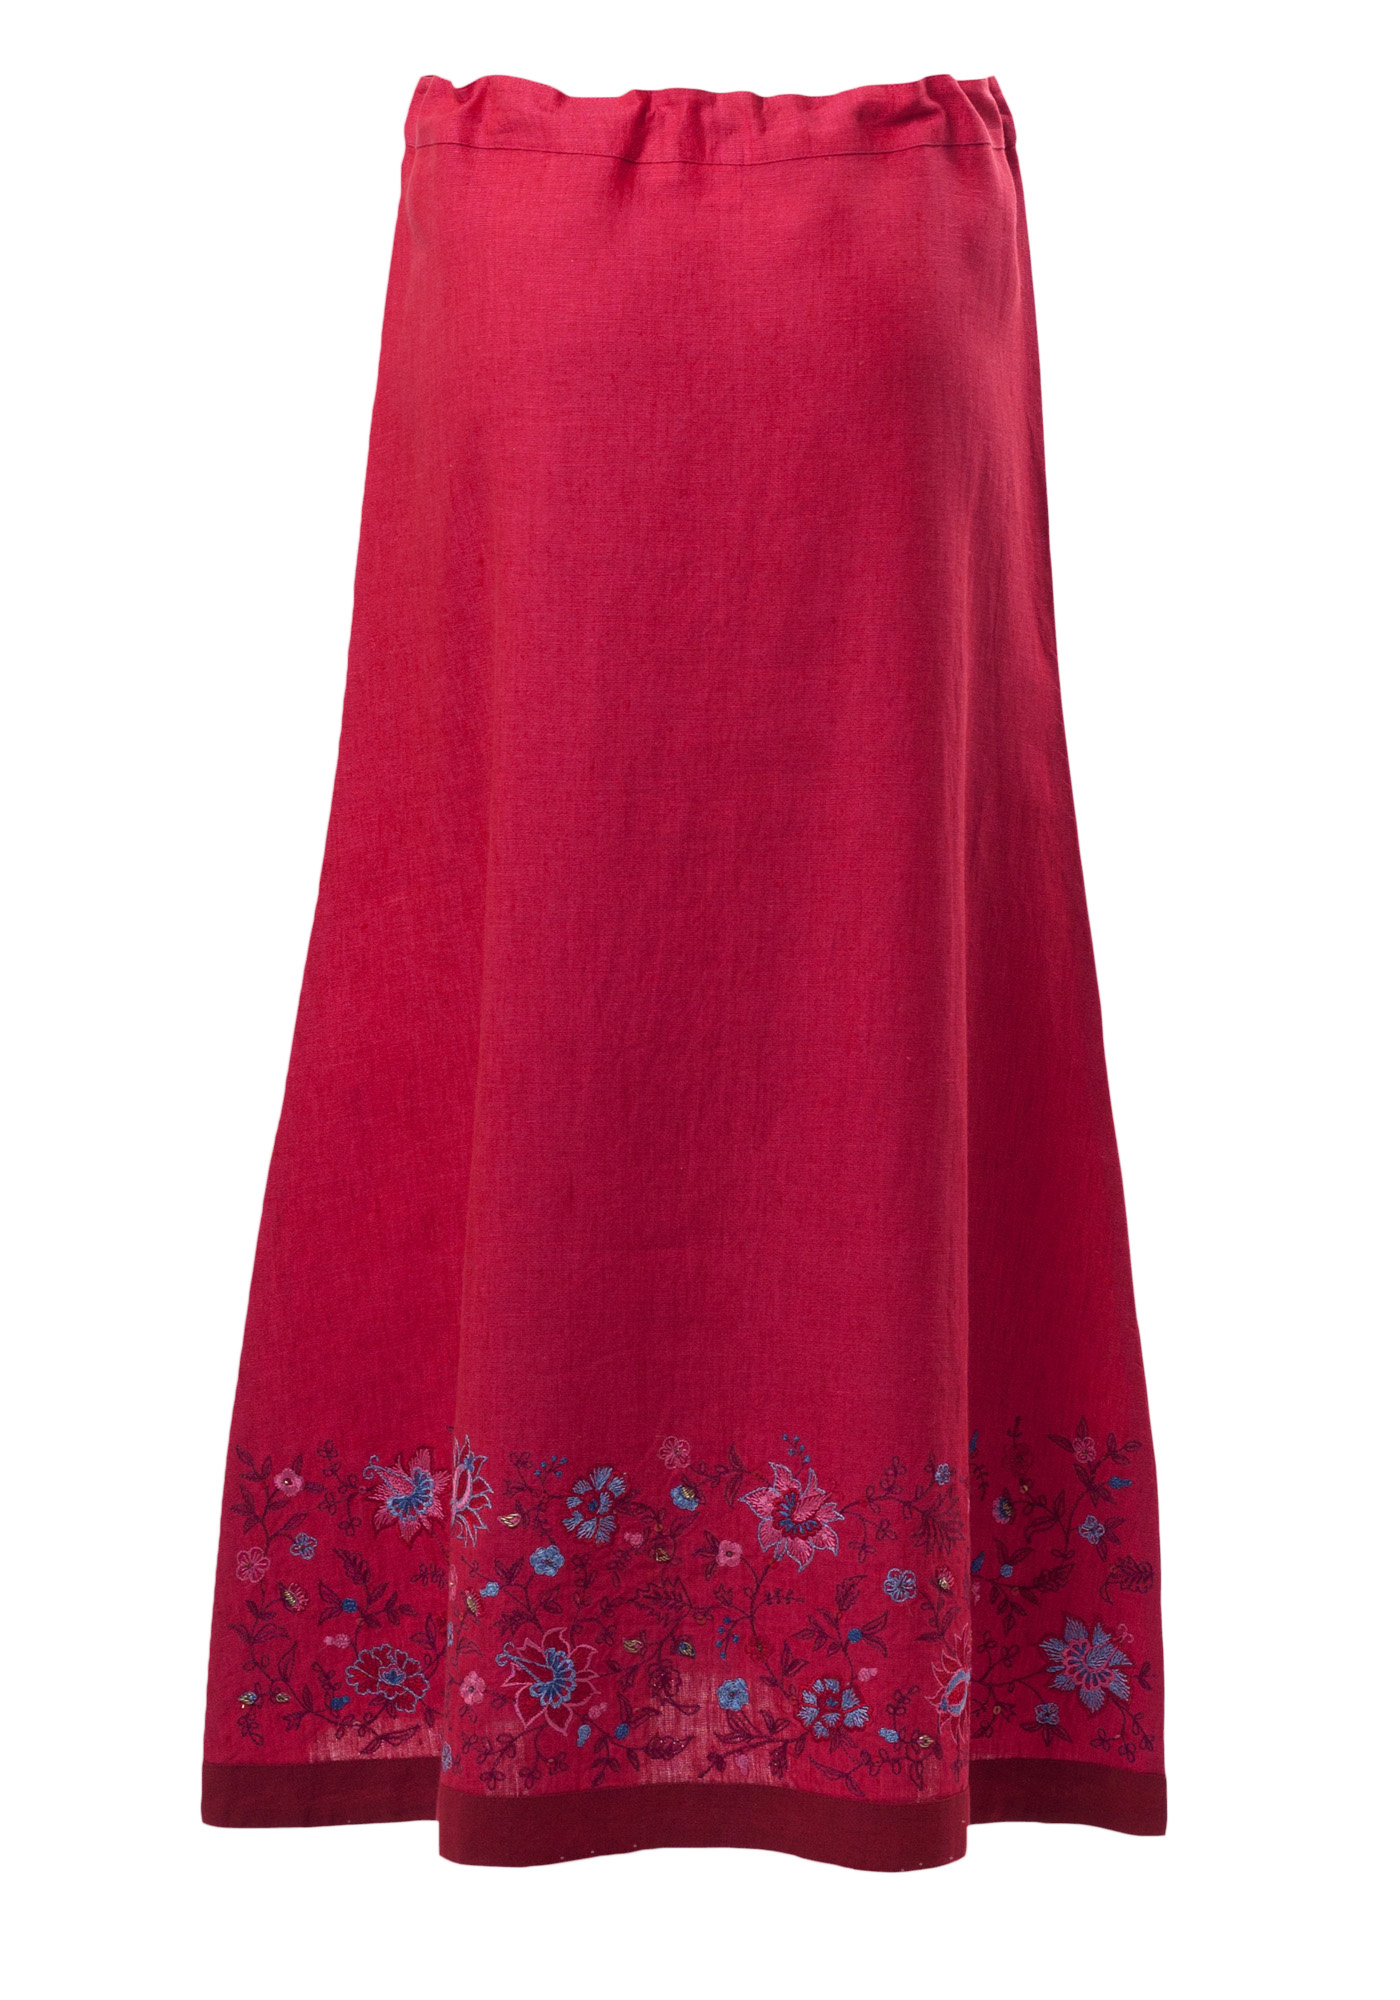 MINC Petite Raspberry Sorbet Girls Skirt in Fuchsia Linen